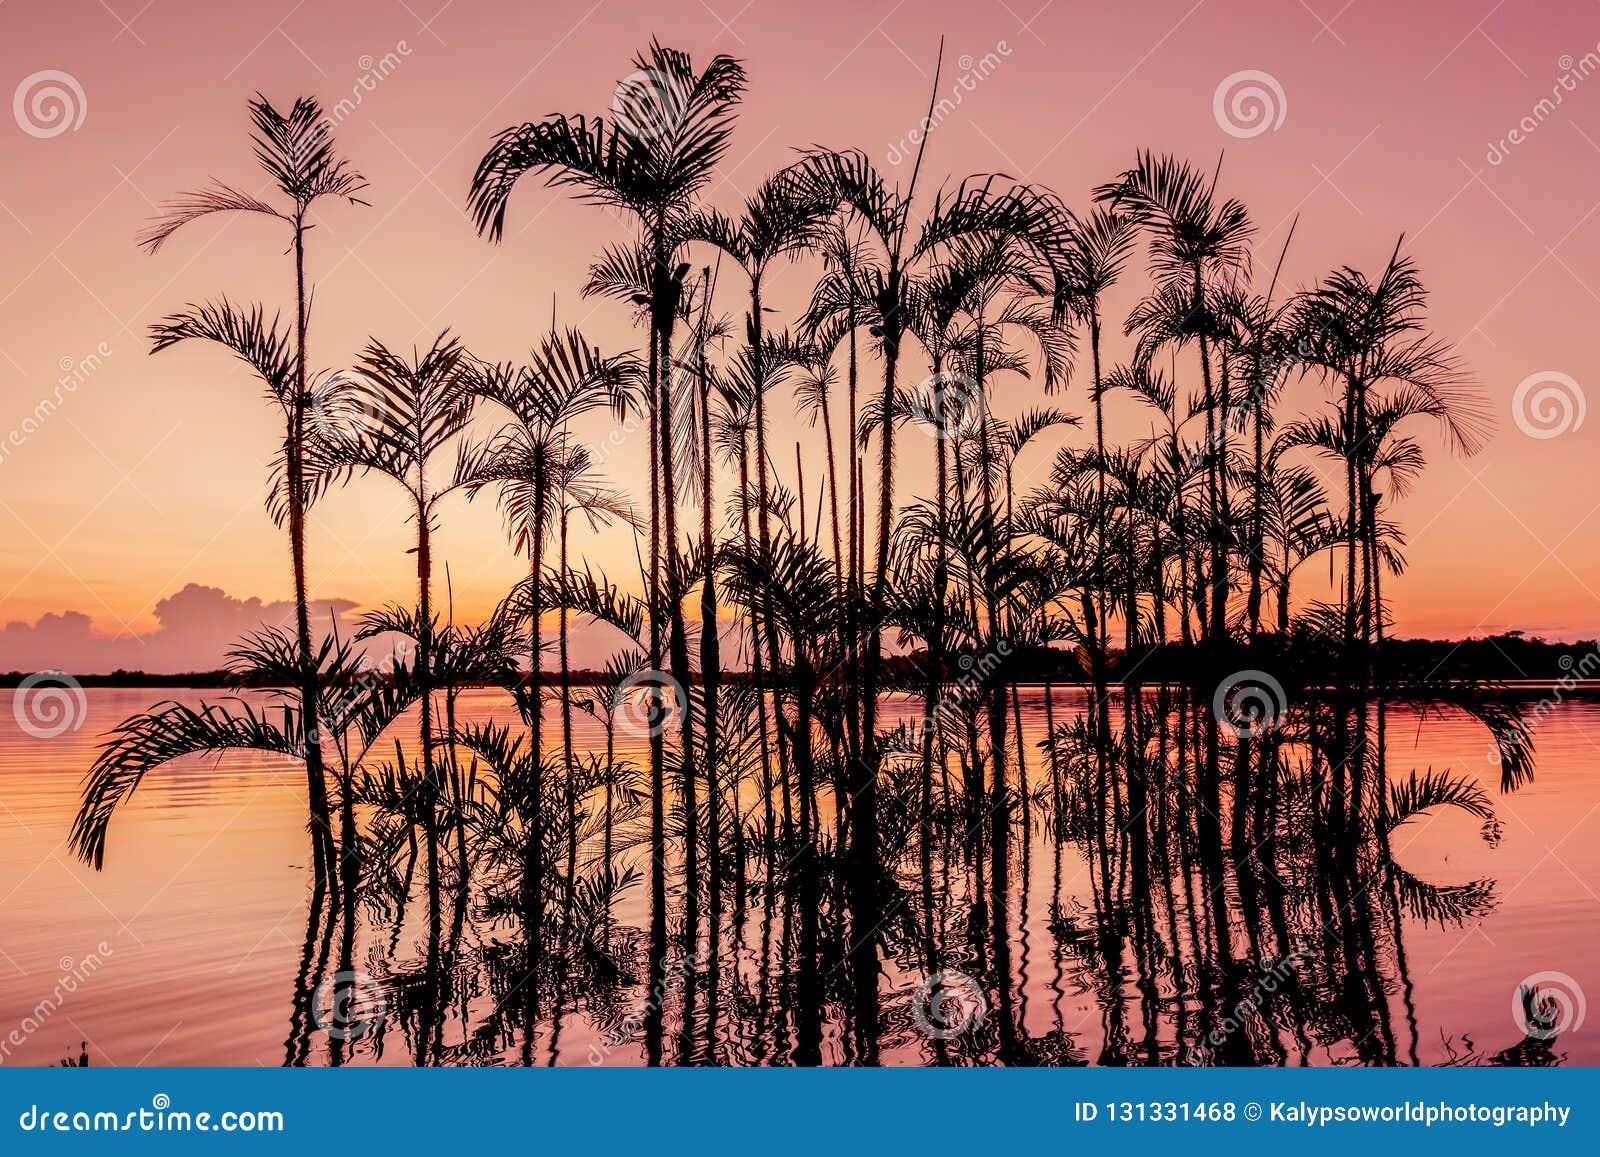 在橙色日落现出轮廓的棕榈树,似亚马逊密林